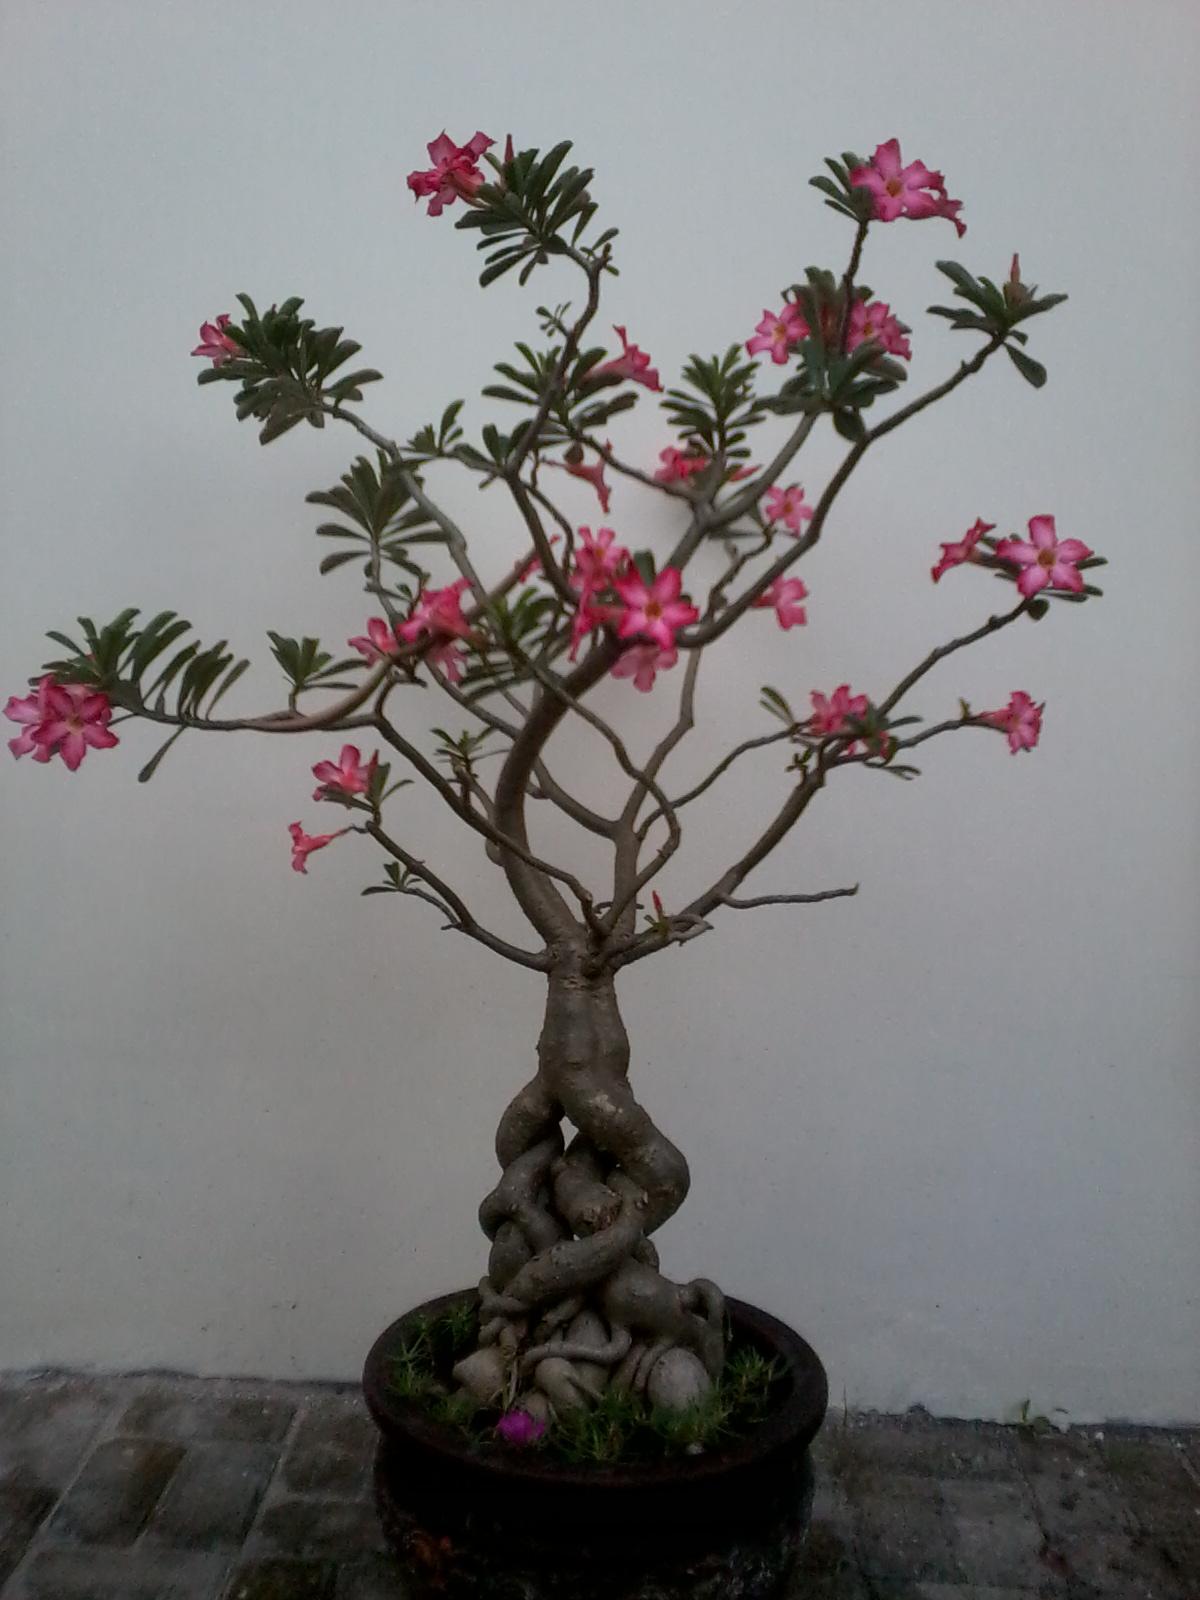 Berbagai Manfaat Bunga Kamboja Jepang Untuk Kecantikan Dan Kesehatan Terbaru Gambarcoloring